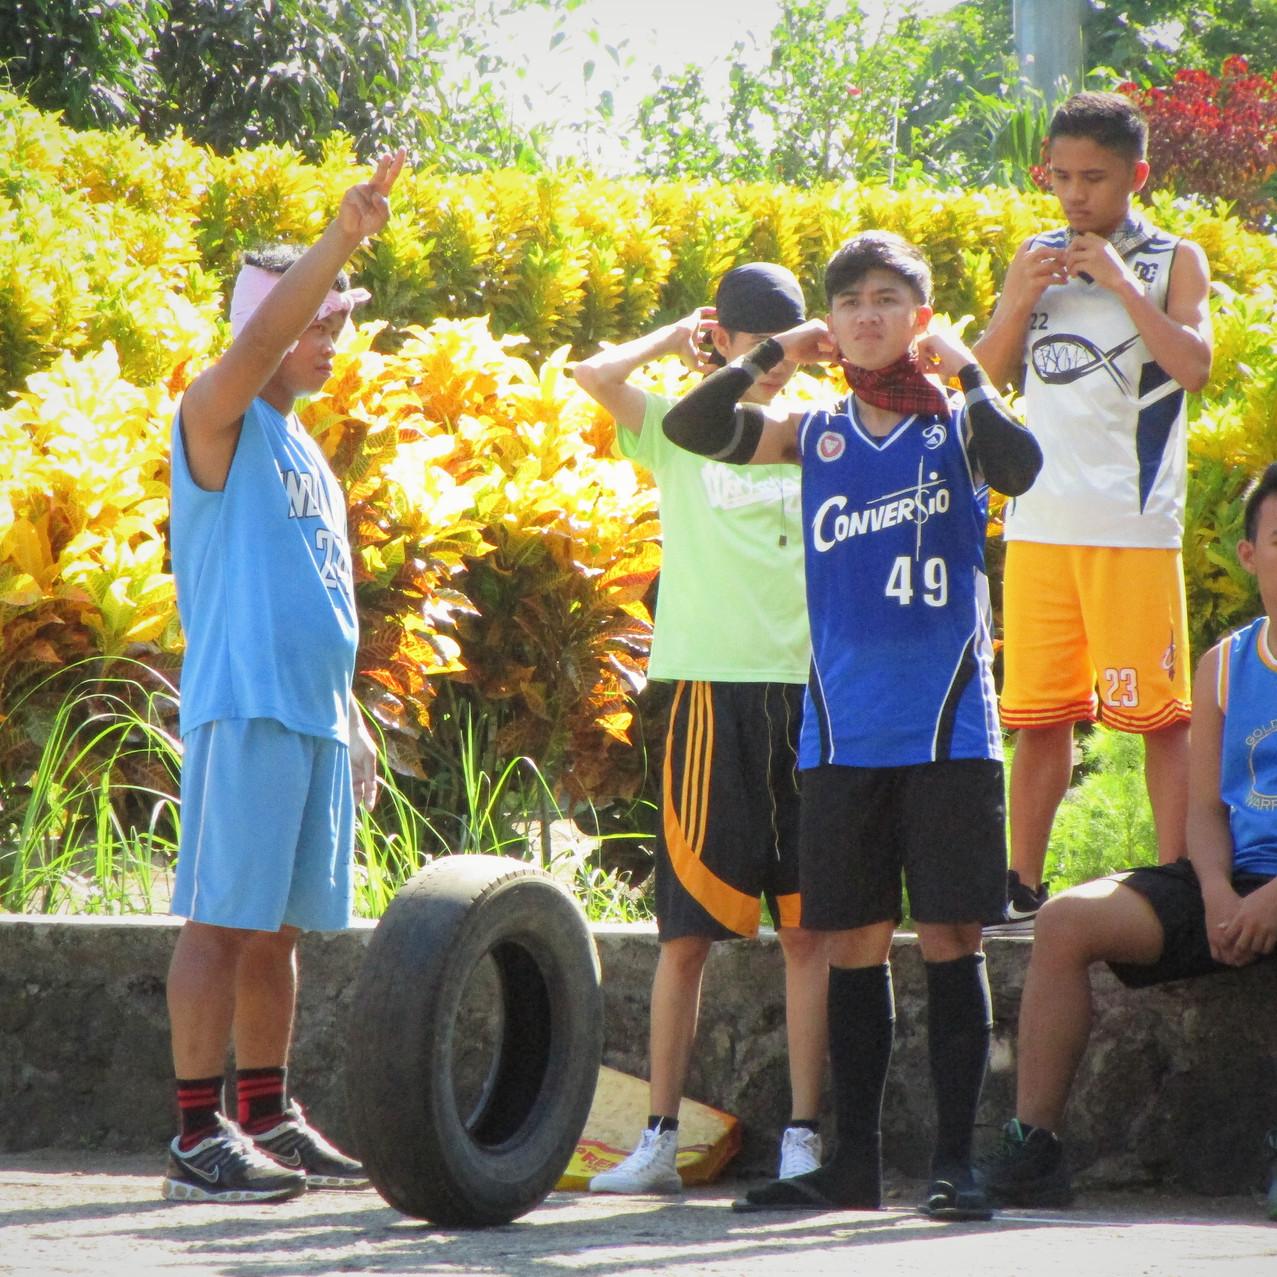 2018-06-15 - Calbayog City - Sportsfest (5)